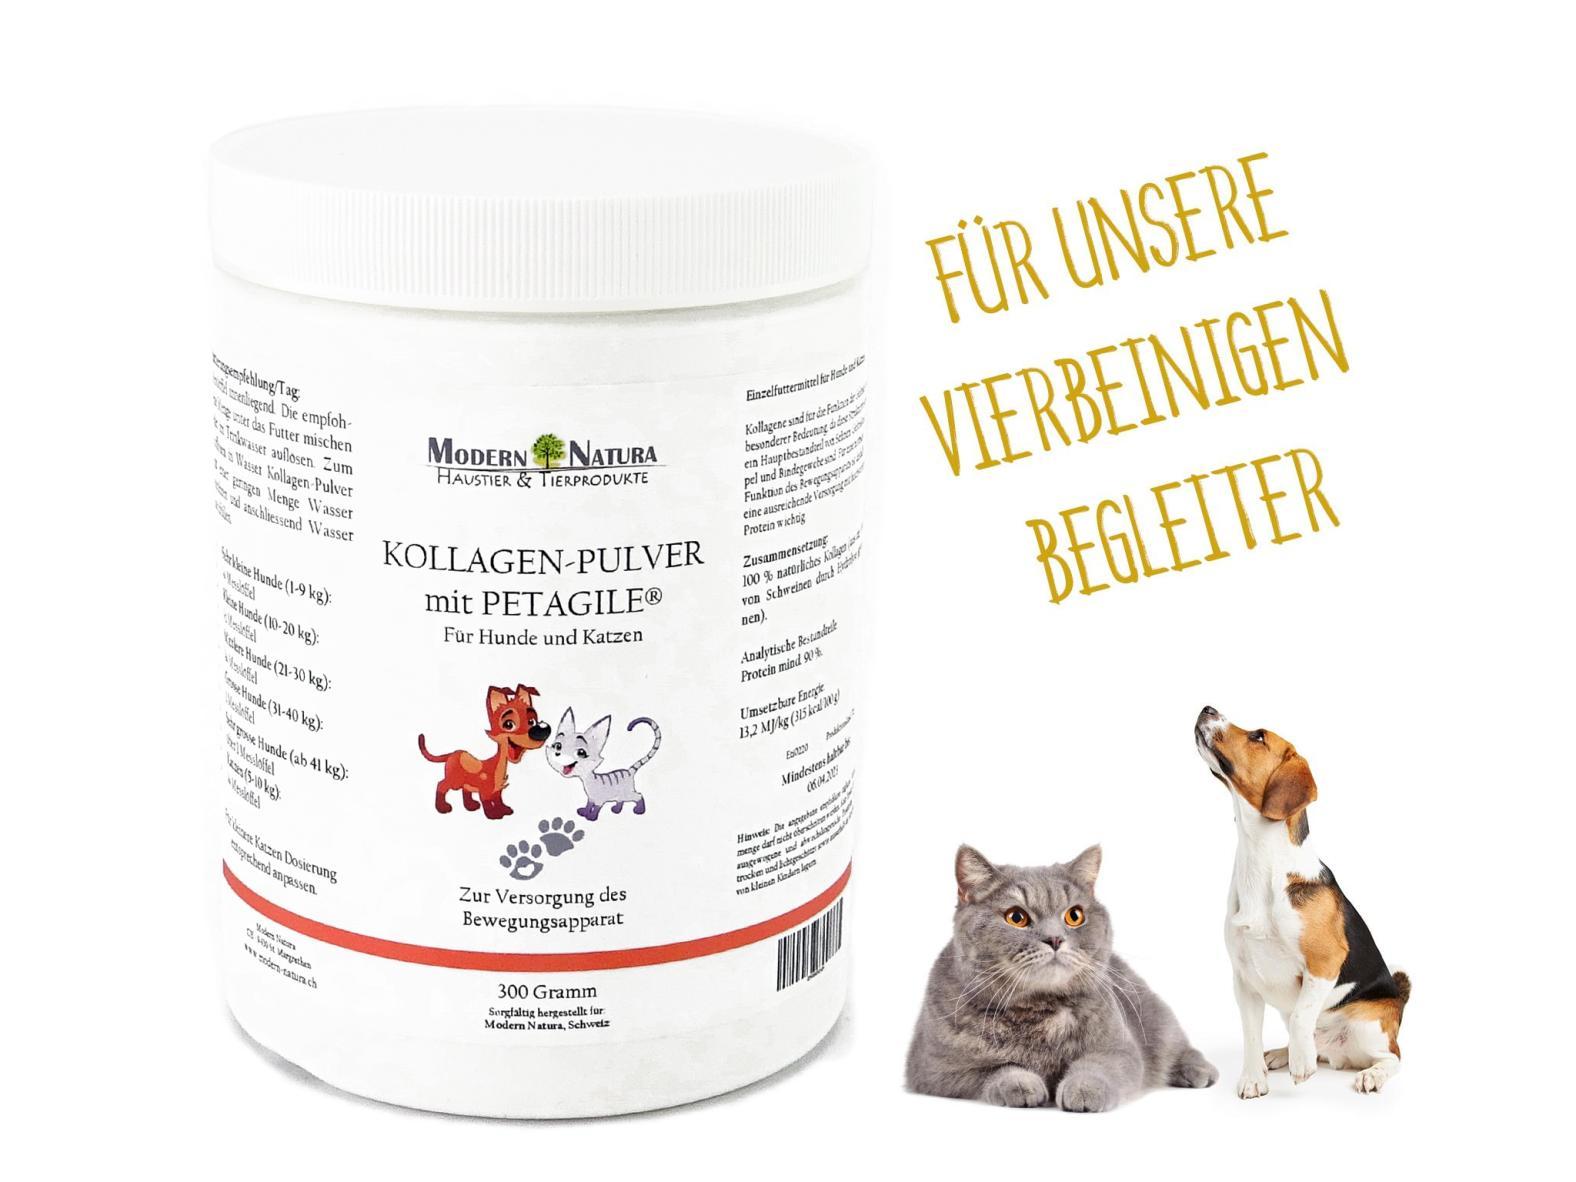 Kollagen-Pulver mit PETAGILE® für Hunde und Katzen - 300 Gramm